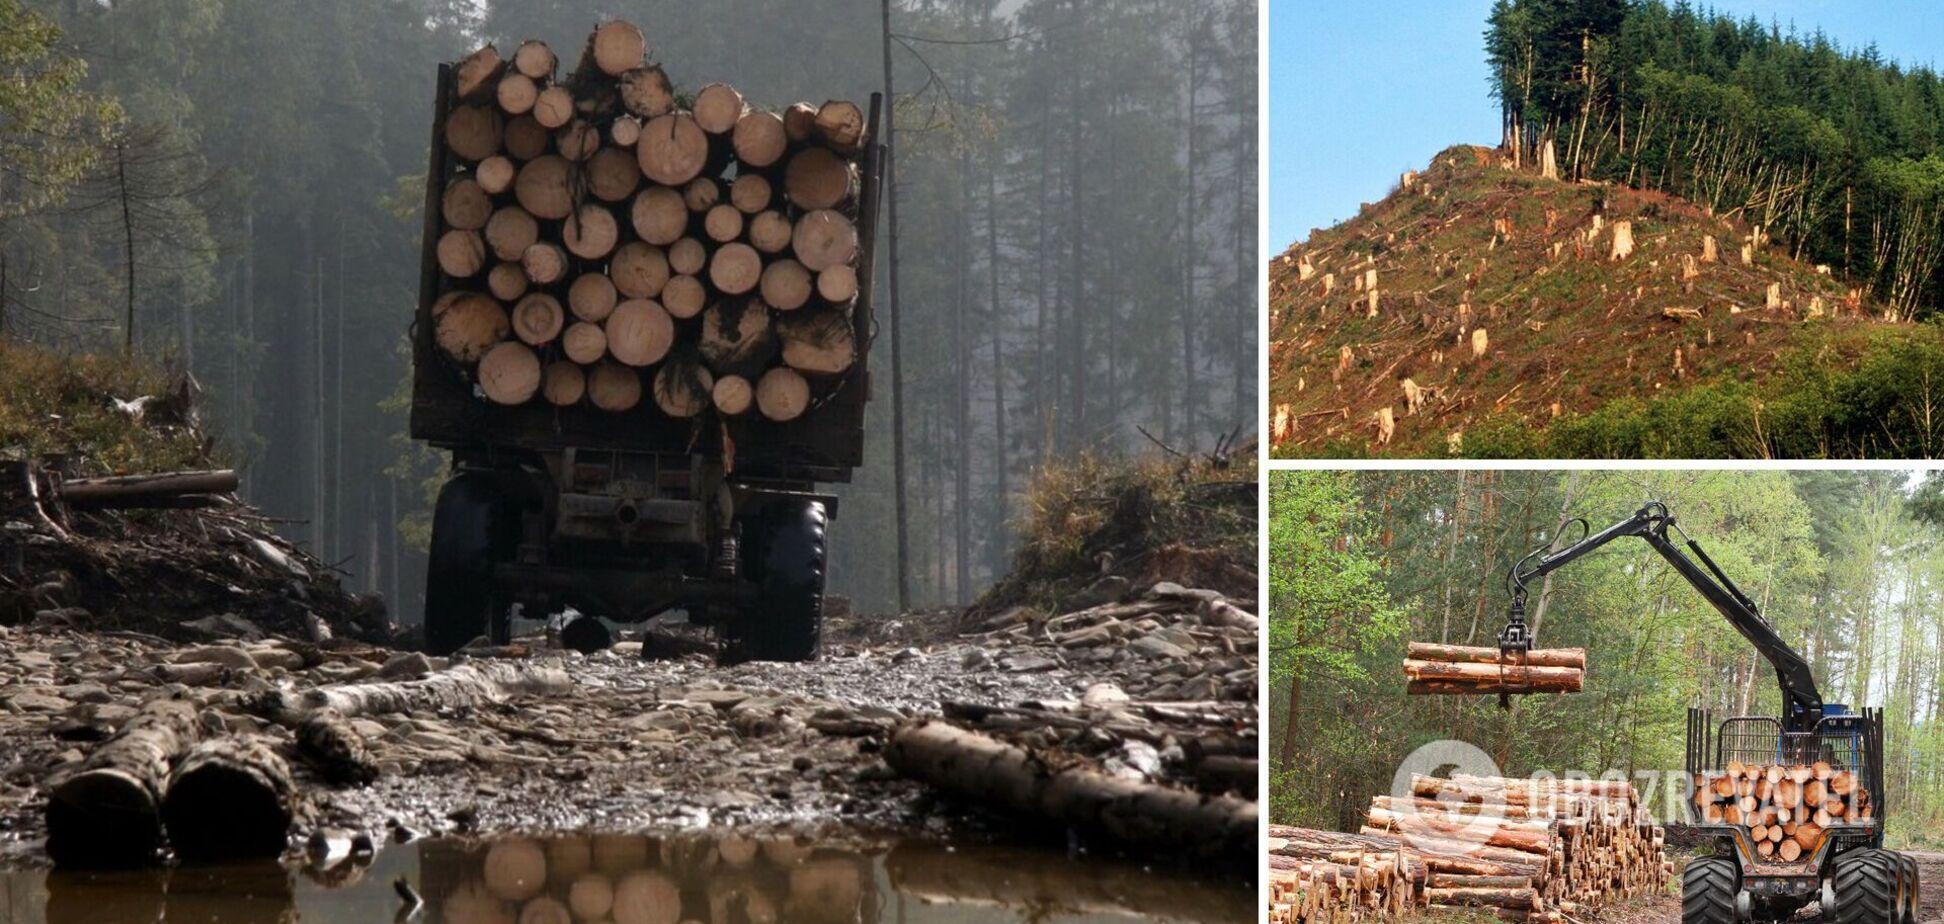 ЄС вимагає український ліс: яке насправді рішення ухвалив арбітраж і що далі